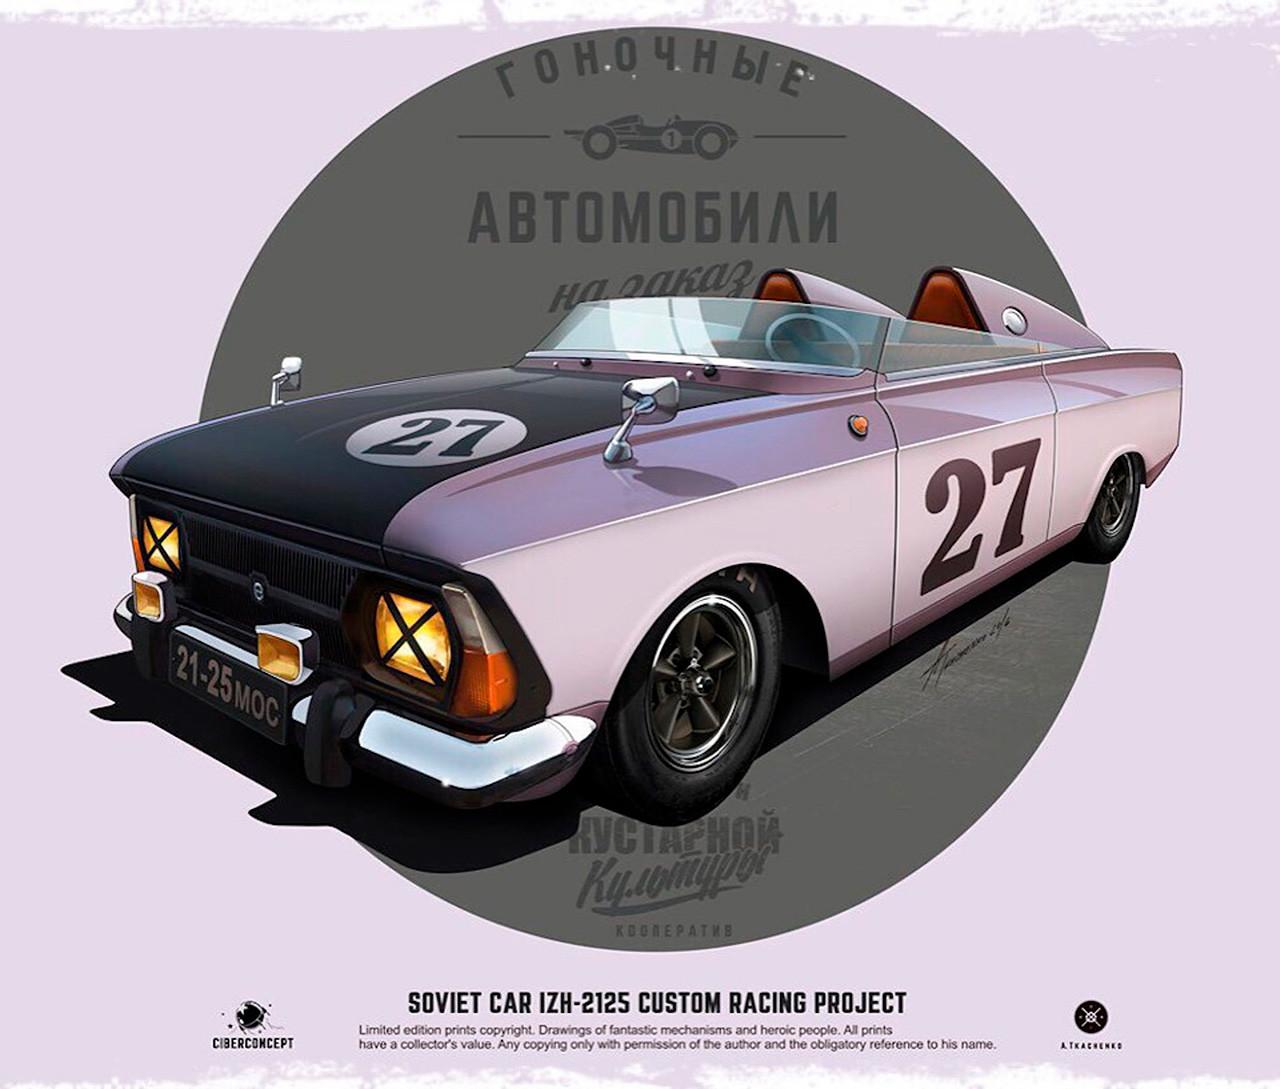 Tole je različica avtomobila IŽ-2125, namenja za tekmovanje na dirkah, pravi model prvakov. Posebna pozornost je posvečena detajlom na sprednjih žarometih v obliki črke »H«.